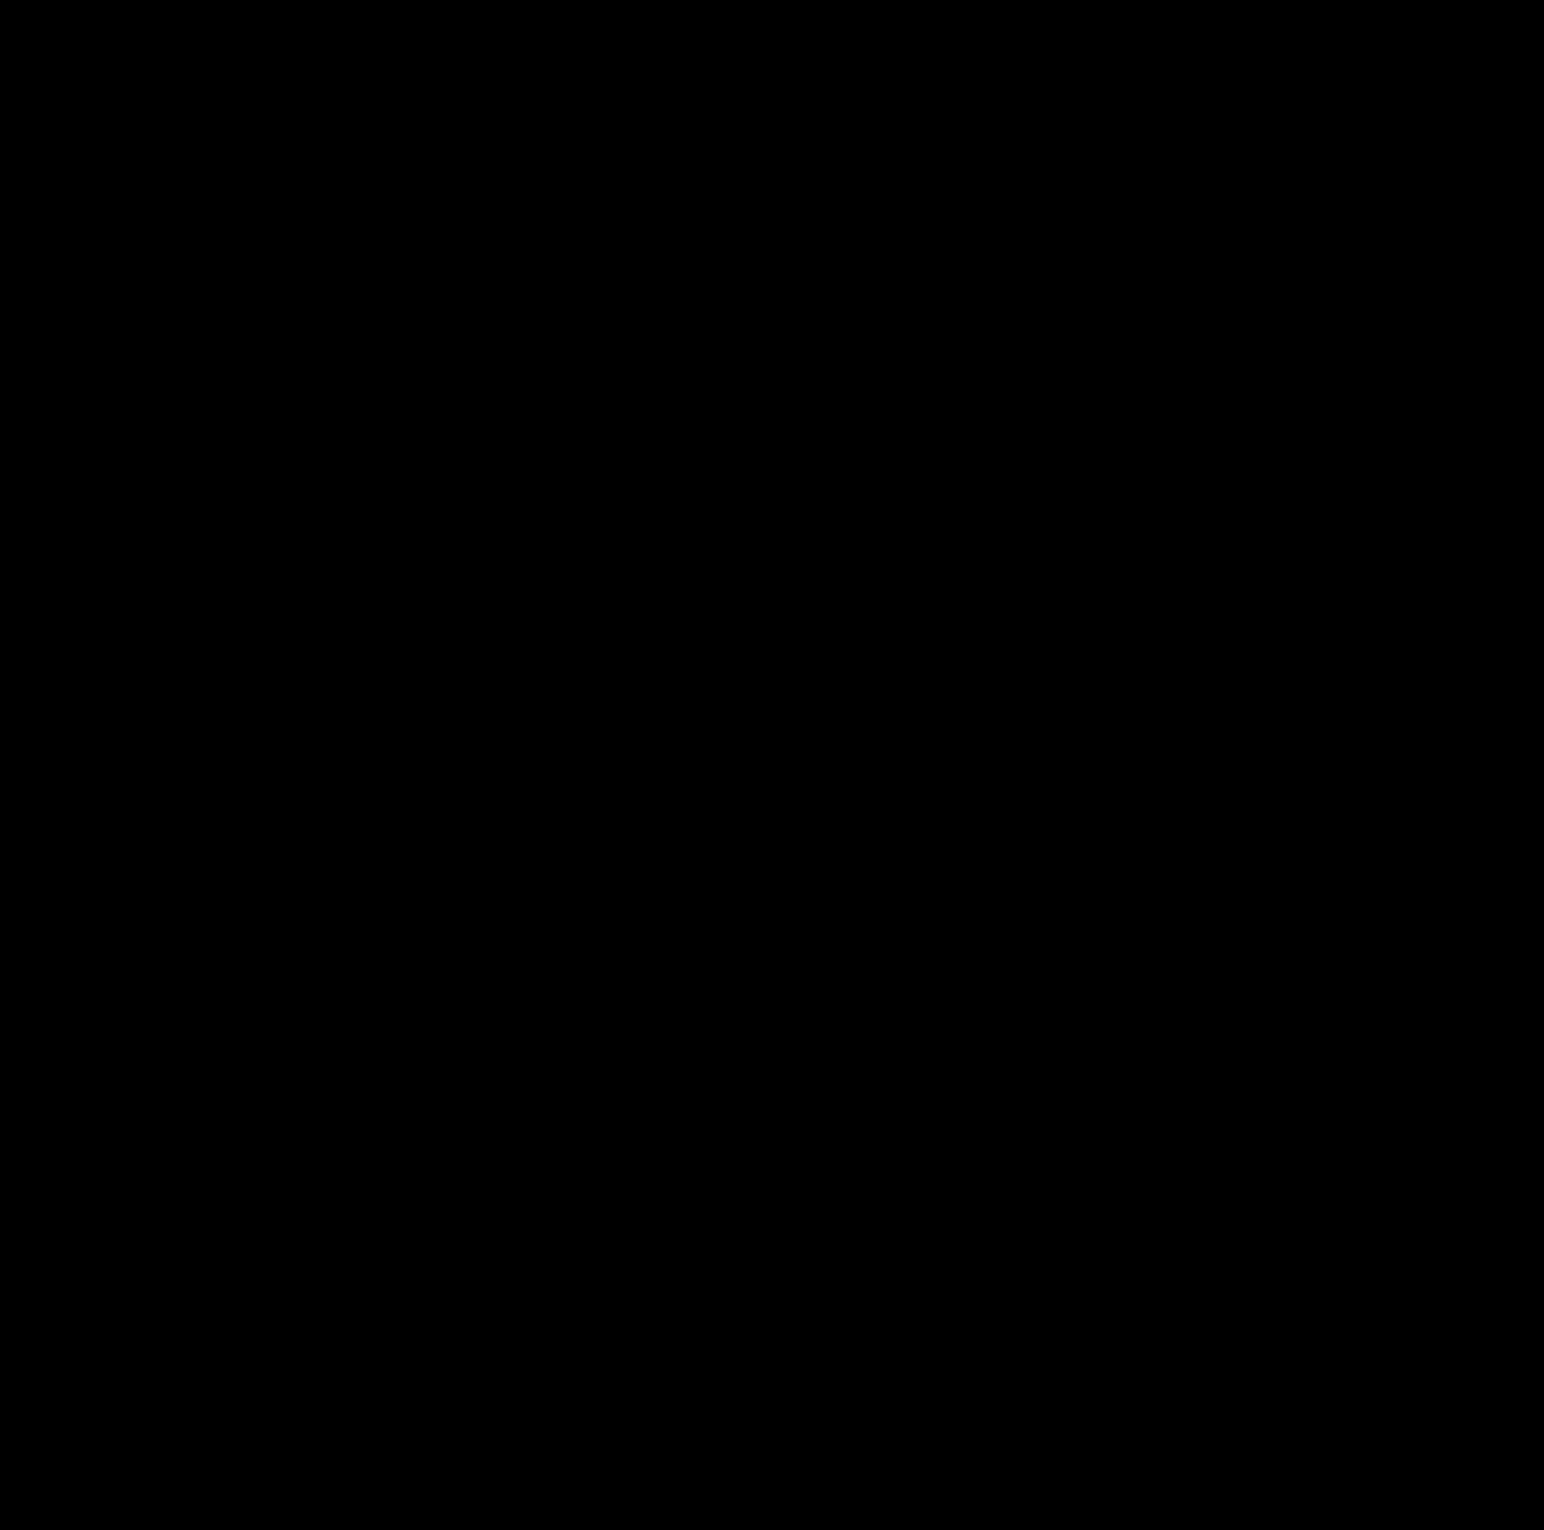 bres-black-vert